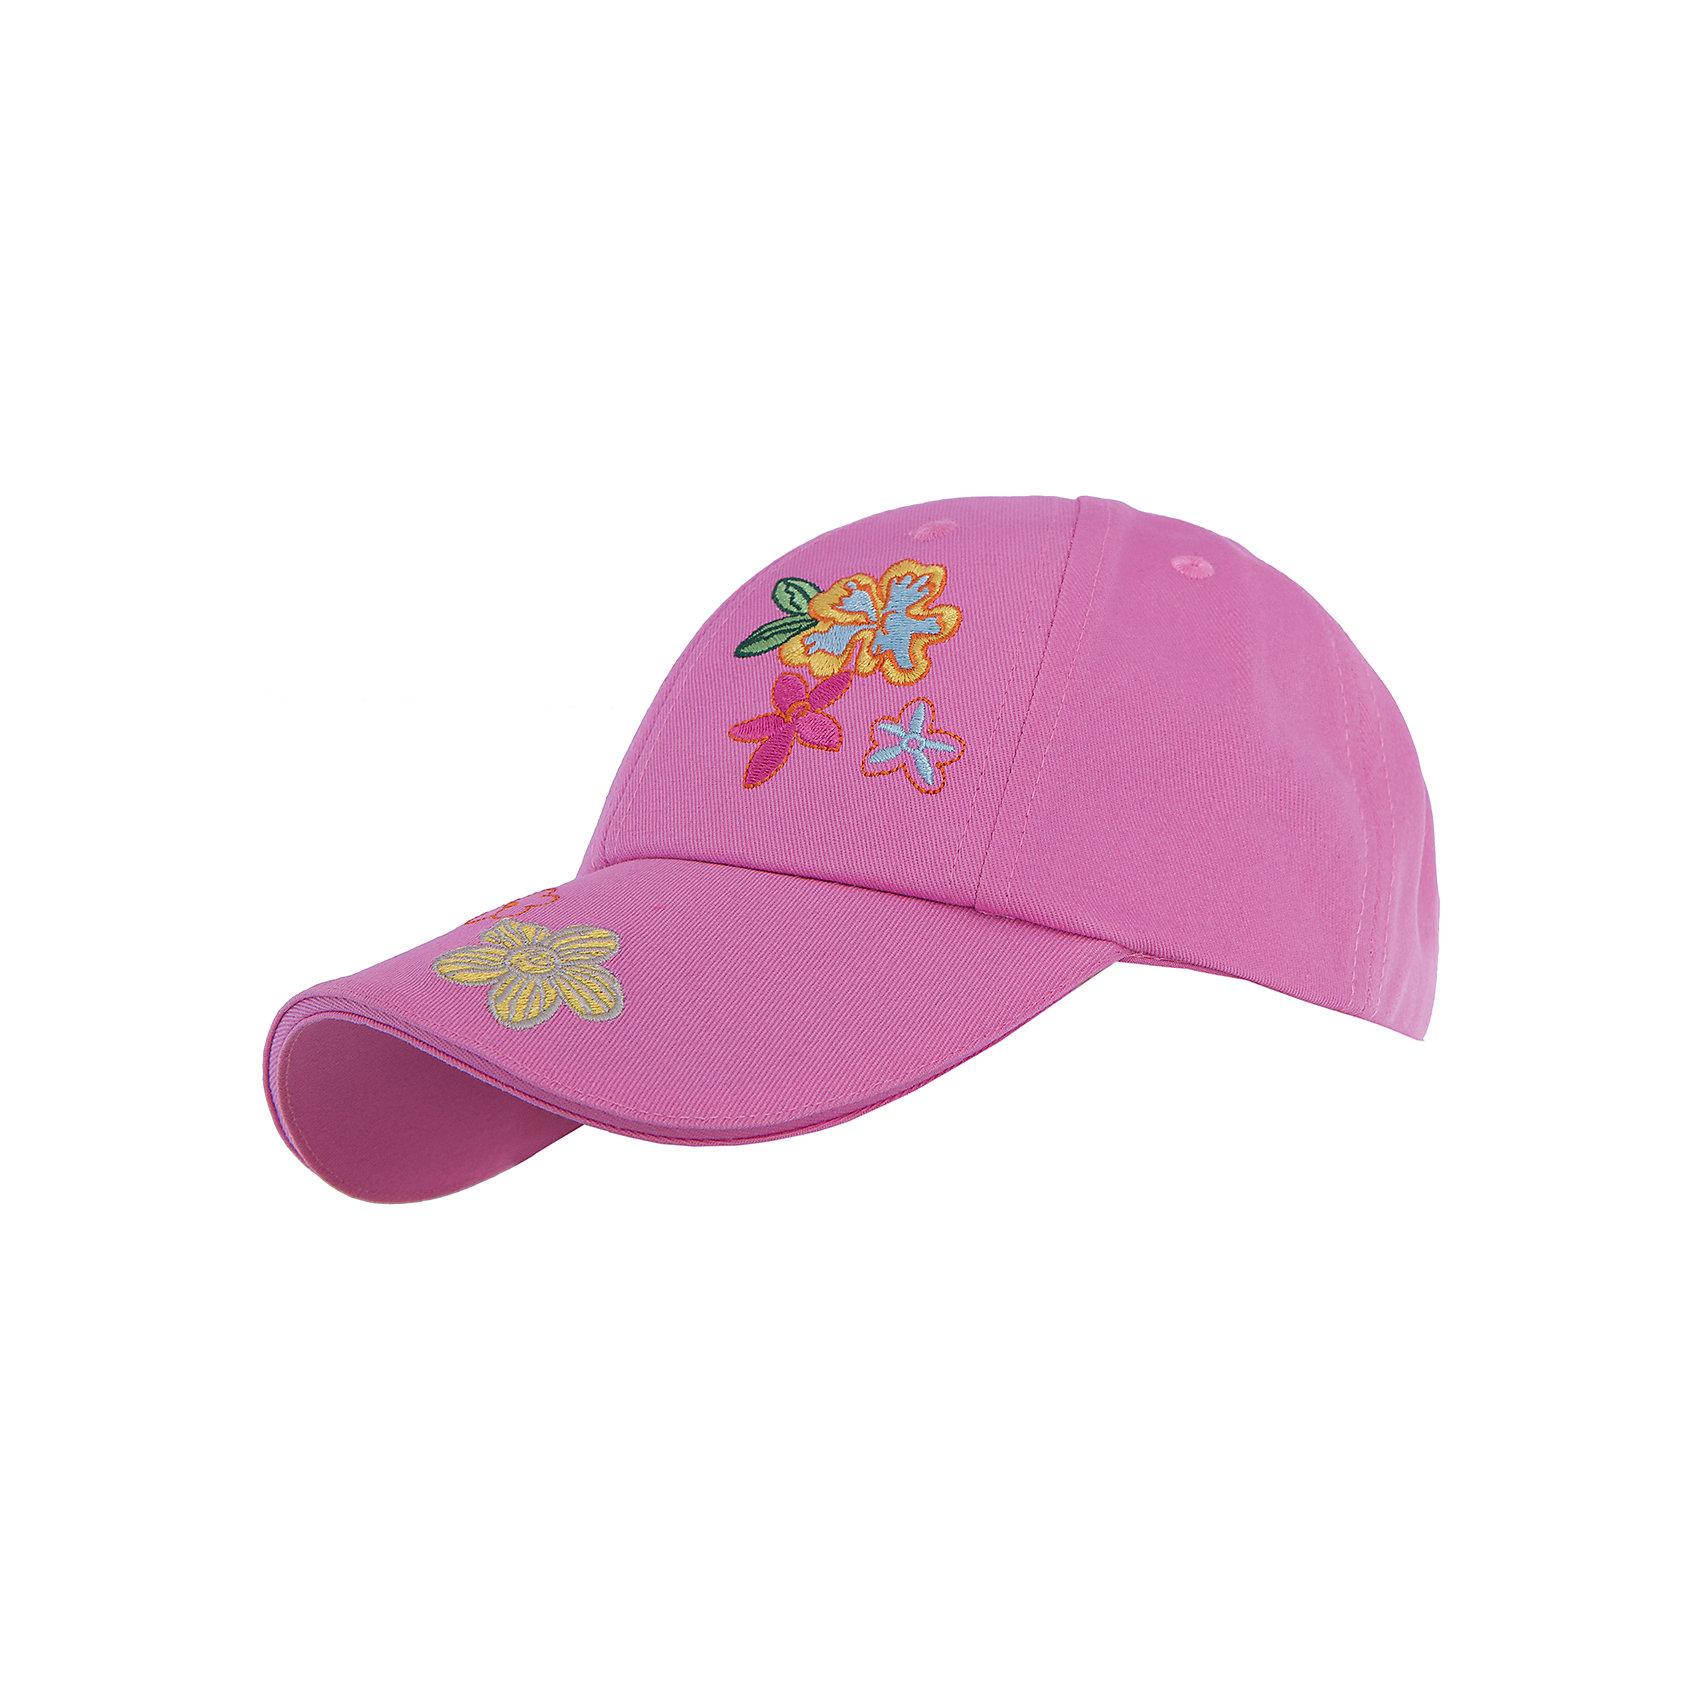 Кепка для девочки SELAСтильная кепка для девочки от известной марки SELА помогут разнообразить летний гардероб ребенка, создать легкий подходящий погоде ансамбль. Удобный крой и качественный материал обеспечат ребенку комфорт при ношении этой вещи. <br>Удобная кепка убережет голову ребенка от перегрева в новом летнем сезоне. Эта модель разработала специально для девочек. Сделана она из легкого, дышащего хлопка, украшена вышивкой.<br><br>Дополнительная информация:<br><br>материал: 100% хлопок;<br>цвет: розовый;<br>размер регулируется с помощью липучки сзади;<br>декорирована вышивкой.<br><br>Кепку для девочки от бренда SELА (Села) можно купить в нашем магазине.<br><br>Ширина мм: 89<br>Глубина мм: 117<br>Высота мм: 44<br>Вес г: 155<br>Цвет: розовый<br>Возраст от месяцев: 24<br>Возраст до месяцев: 36<br>Пол: Женский<br>Возраст: Детский<br>Размер: 50,52<br>SKU: 4741571